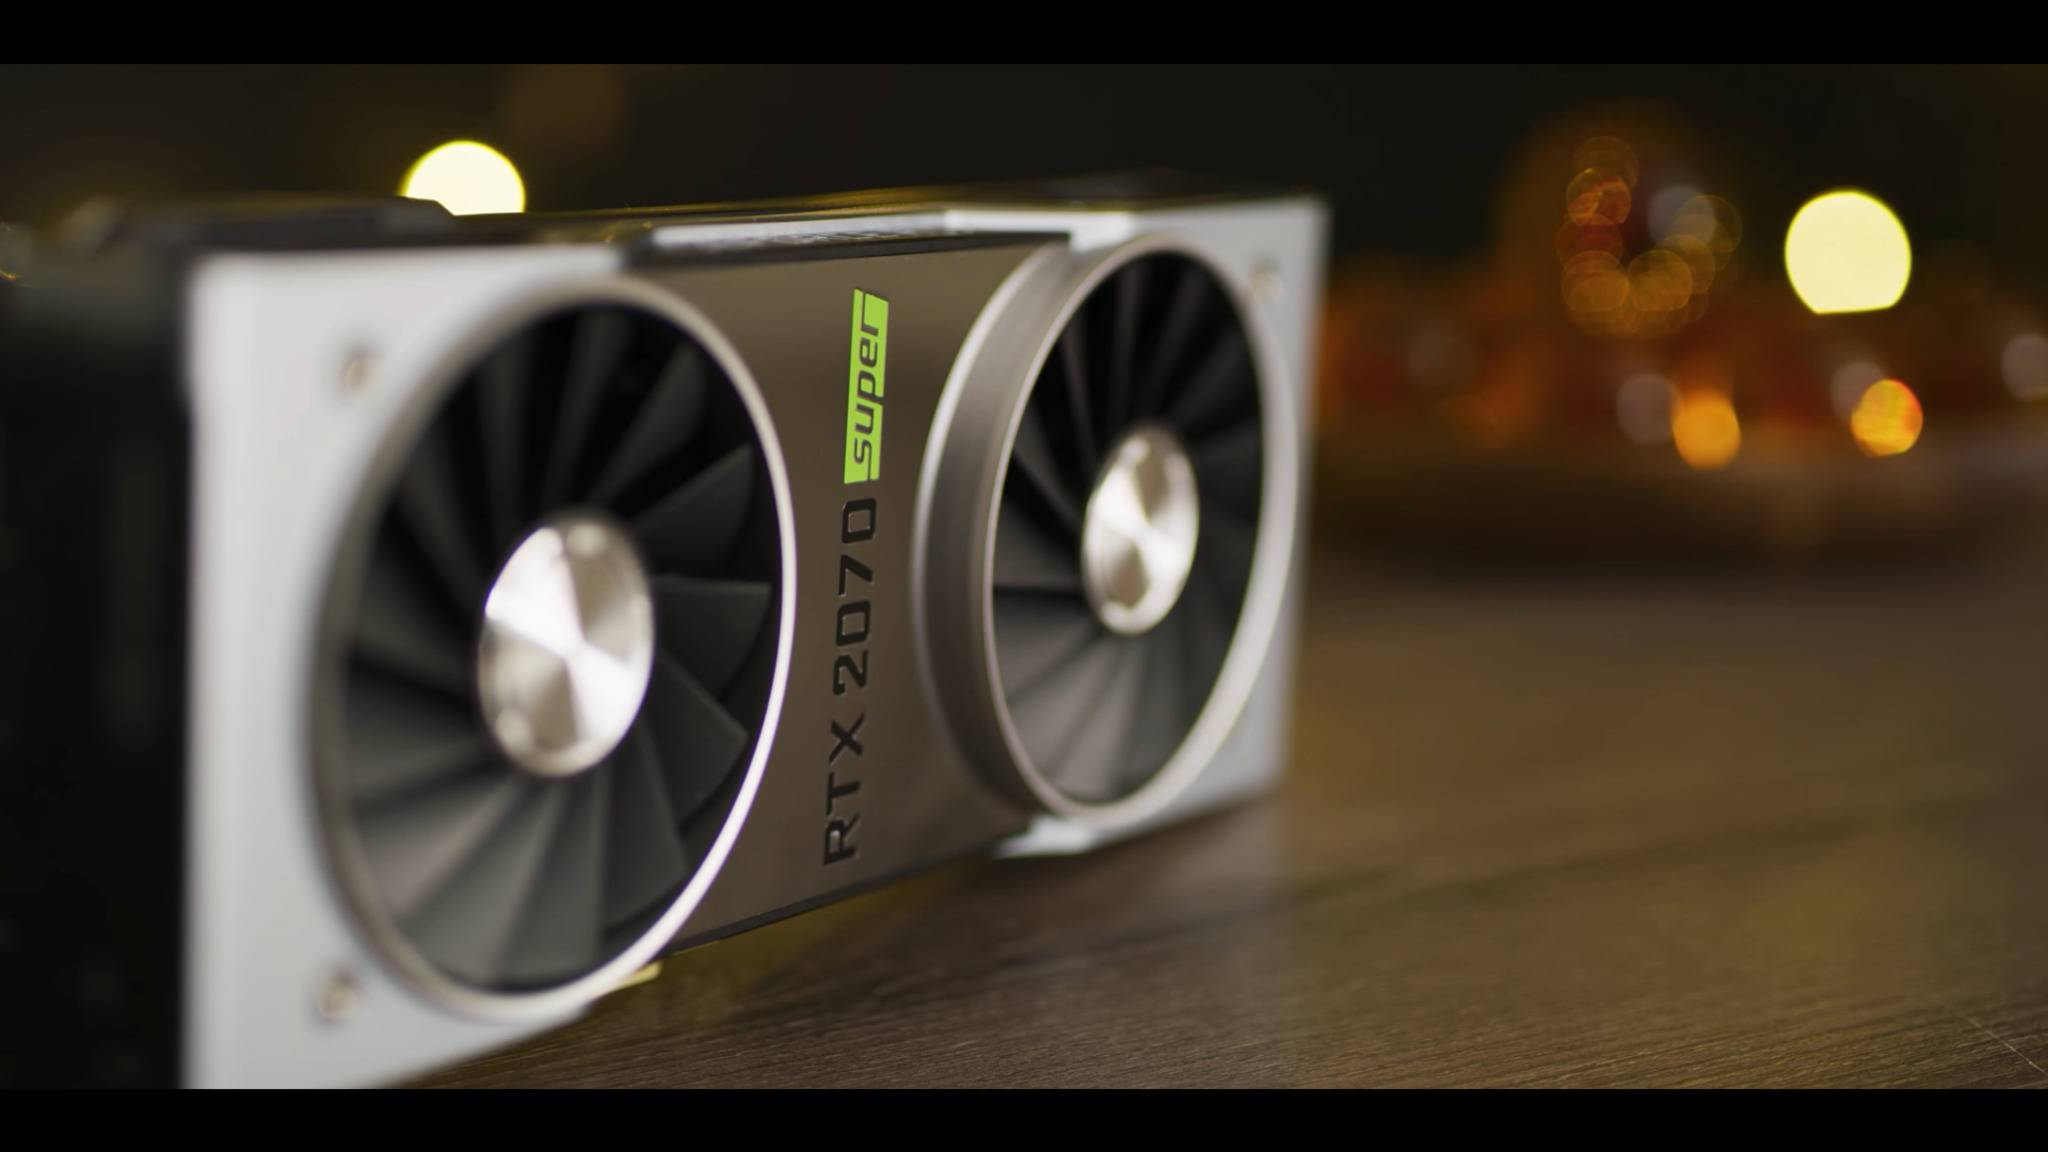 Nvidias Grafikkarten mit Ampere-Architektur sollen 50 Prozent schneller als die jetzige Turing-Generation sein. (Bild: Nvidia RTX 2070 Super)